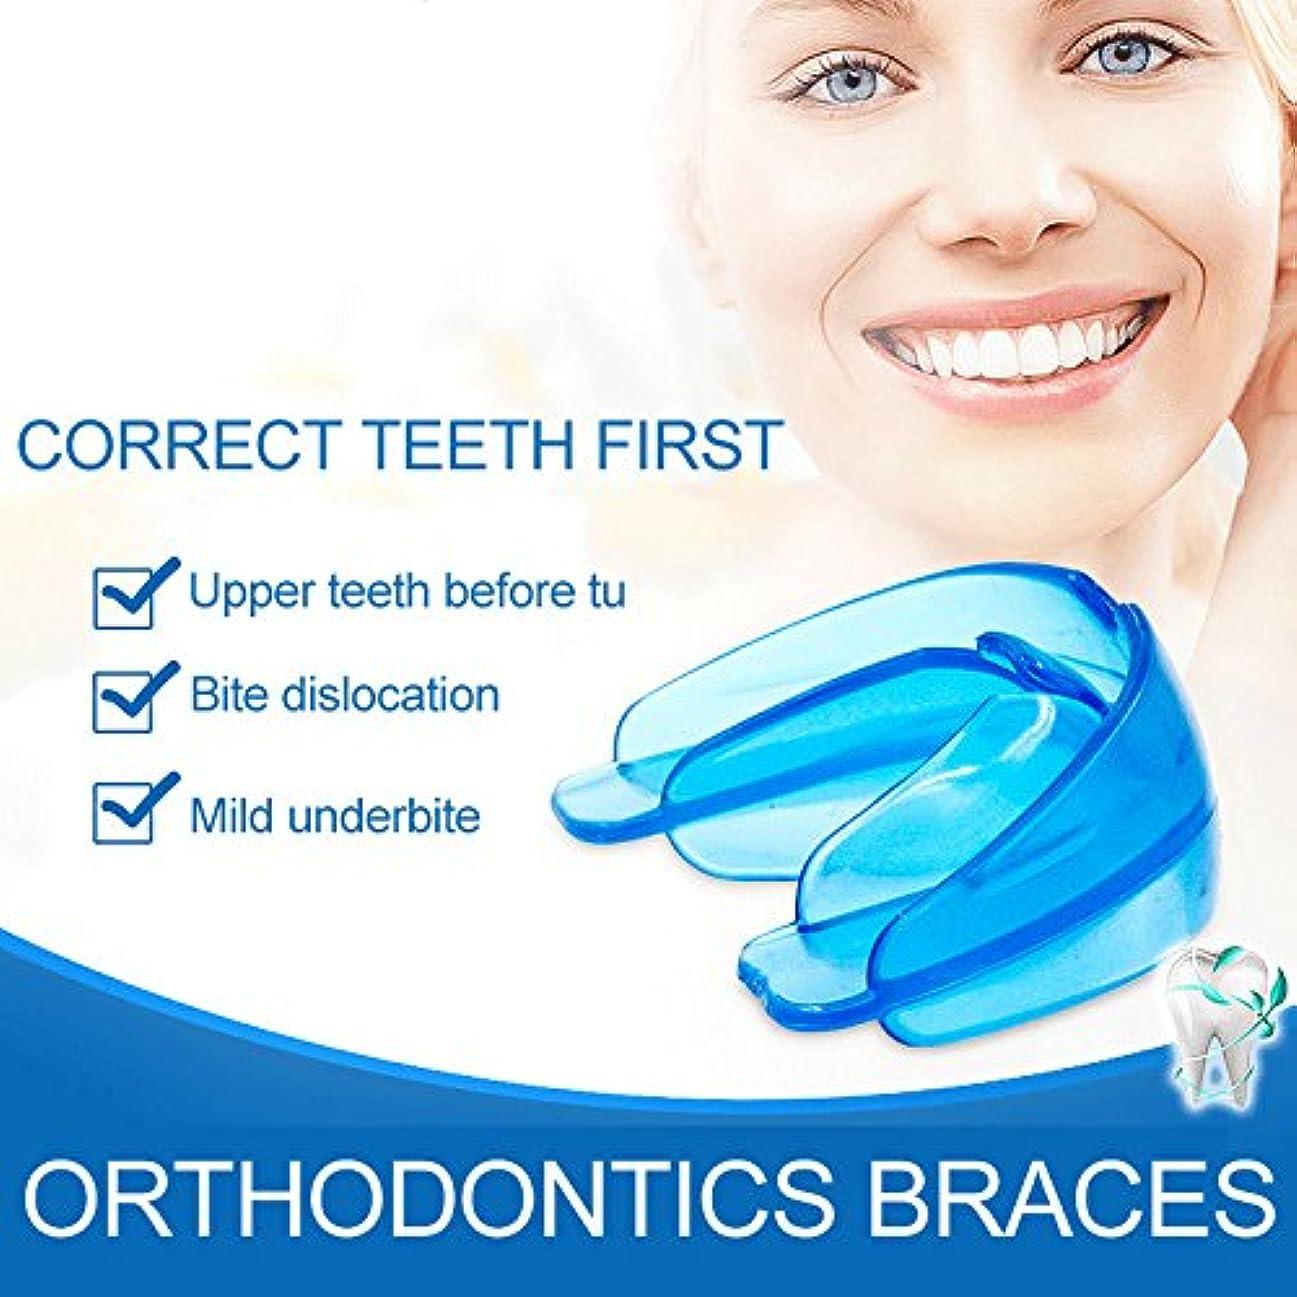 間接的高度かけがえのない歯科矯正 歯科 矯正用固位器 直歯システム 使いやすい ブルー